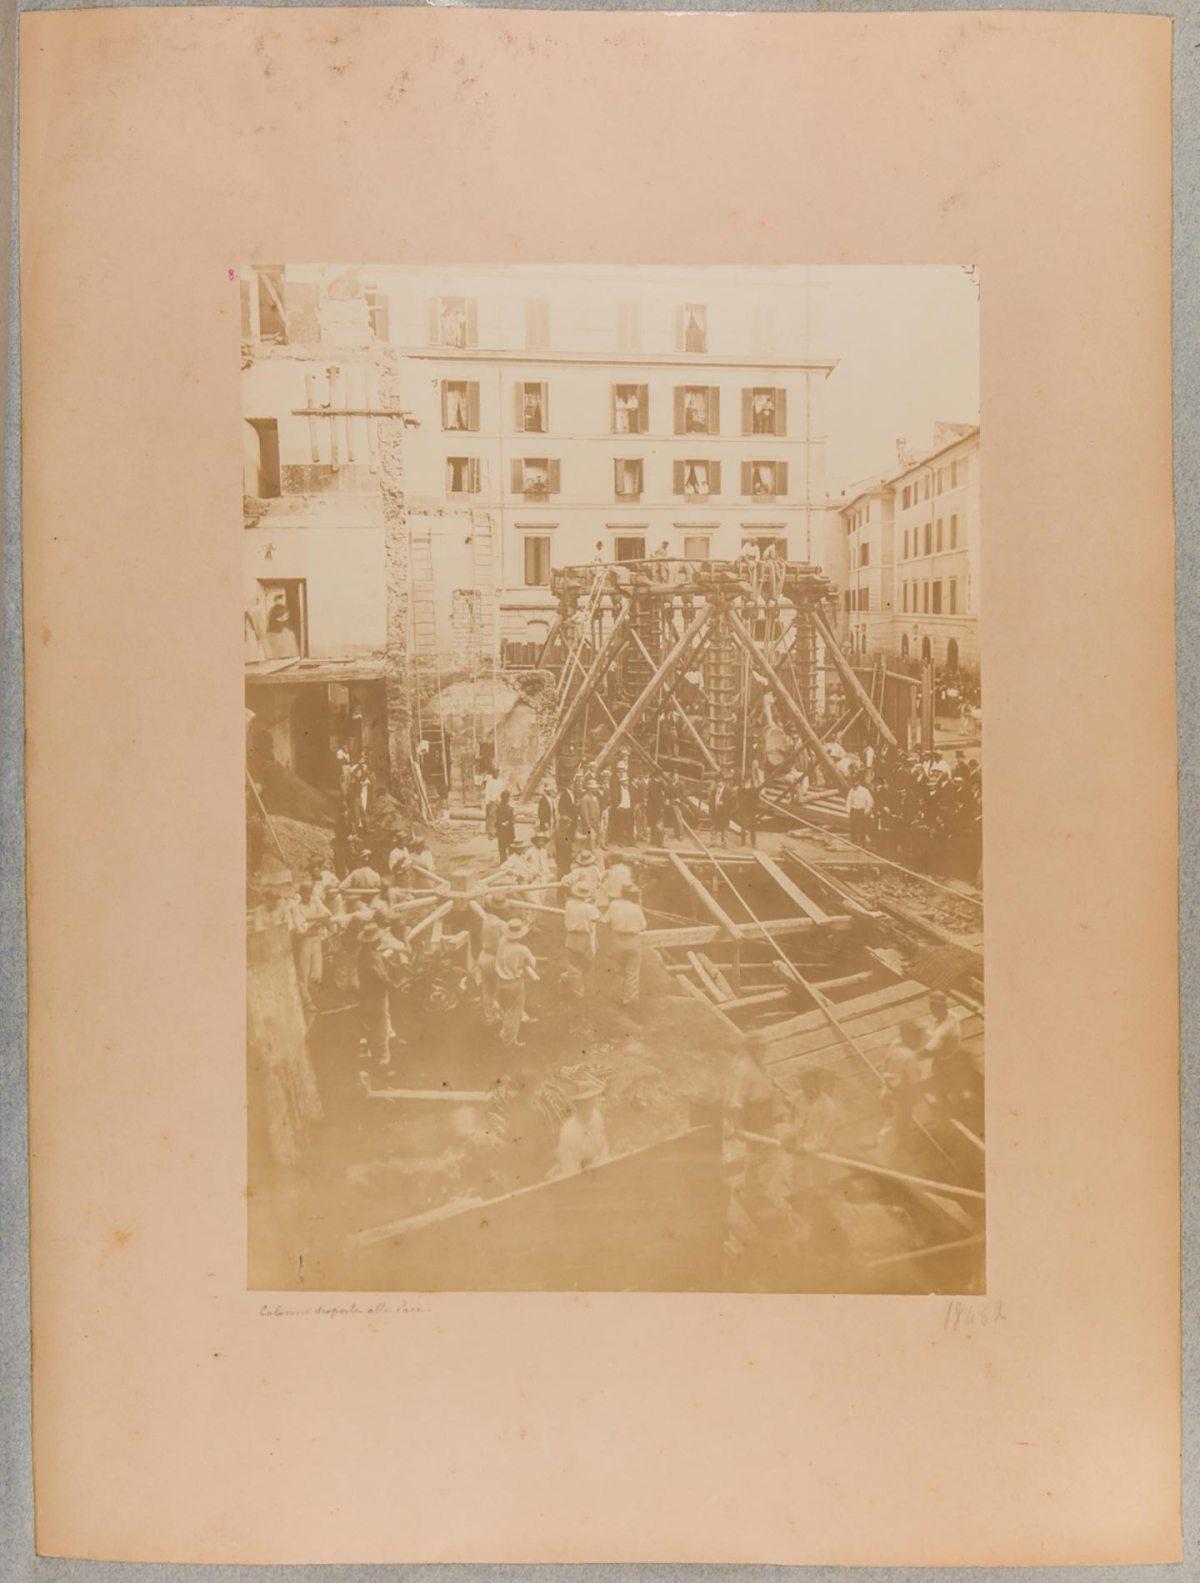 6-columns-discovered-near-s-maria-della-pace-1870-1080x1424